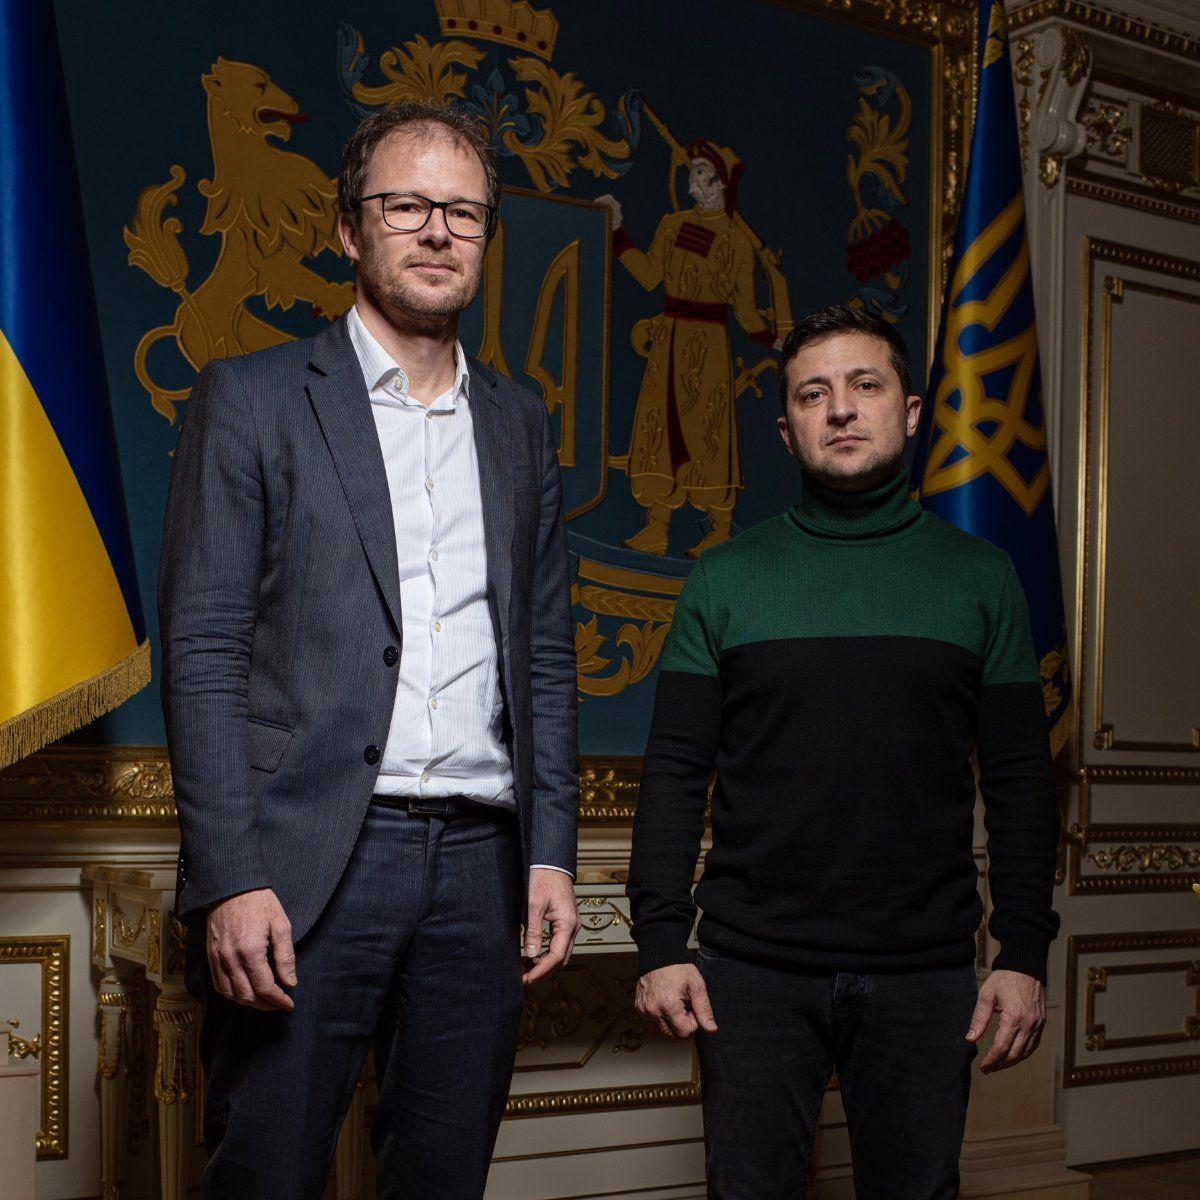 EINMALIGE VERWENDUNG Wolodymyr Selenskyj / Christian Esch links / Spiegel Interview / Ukraine